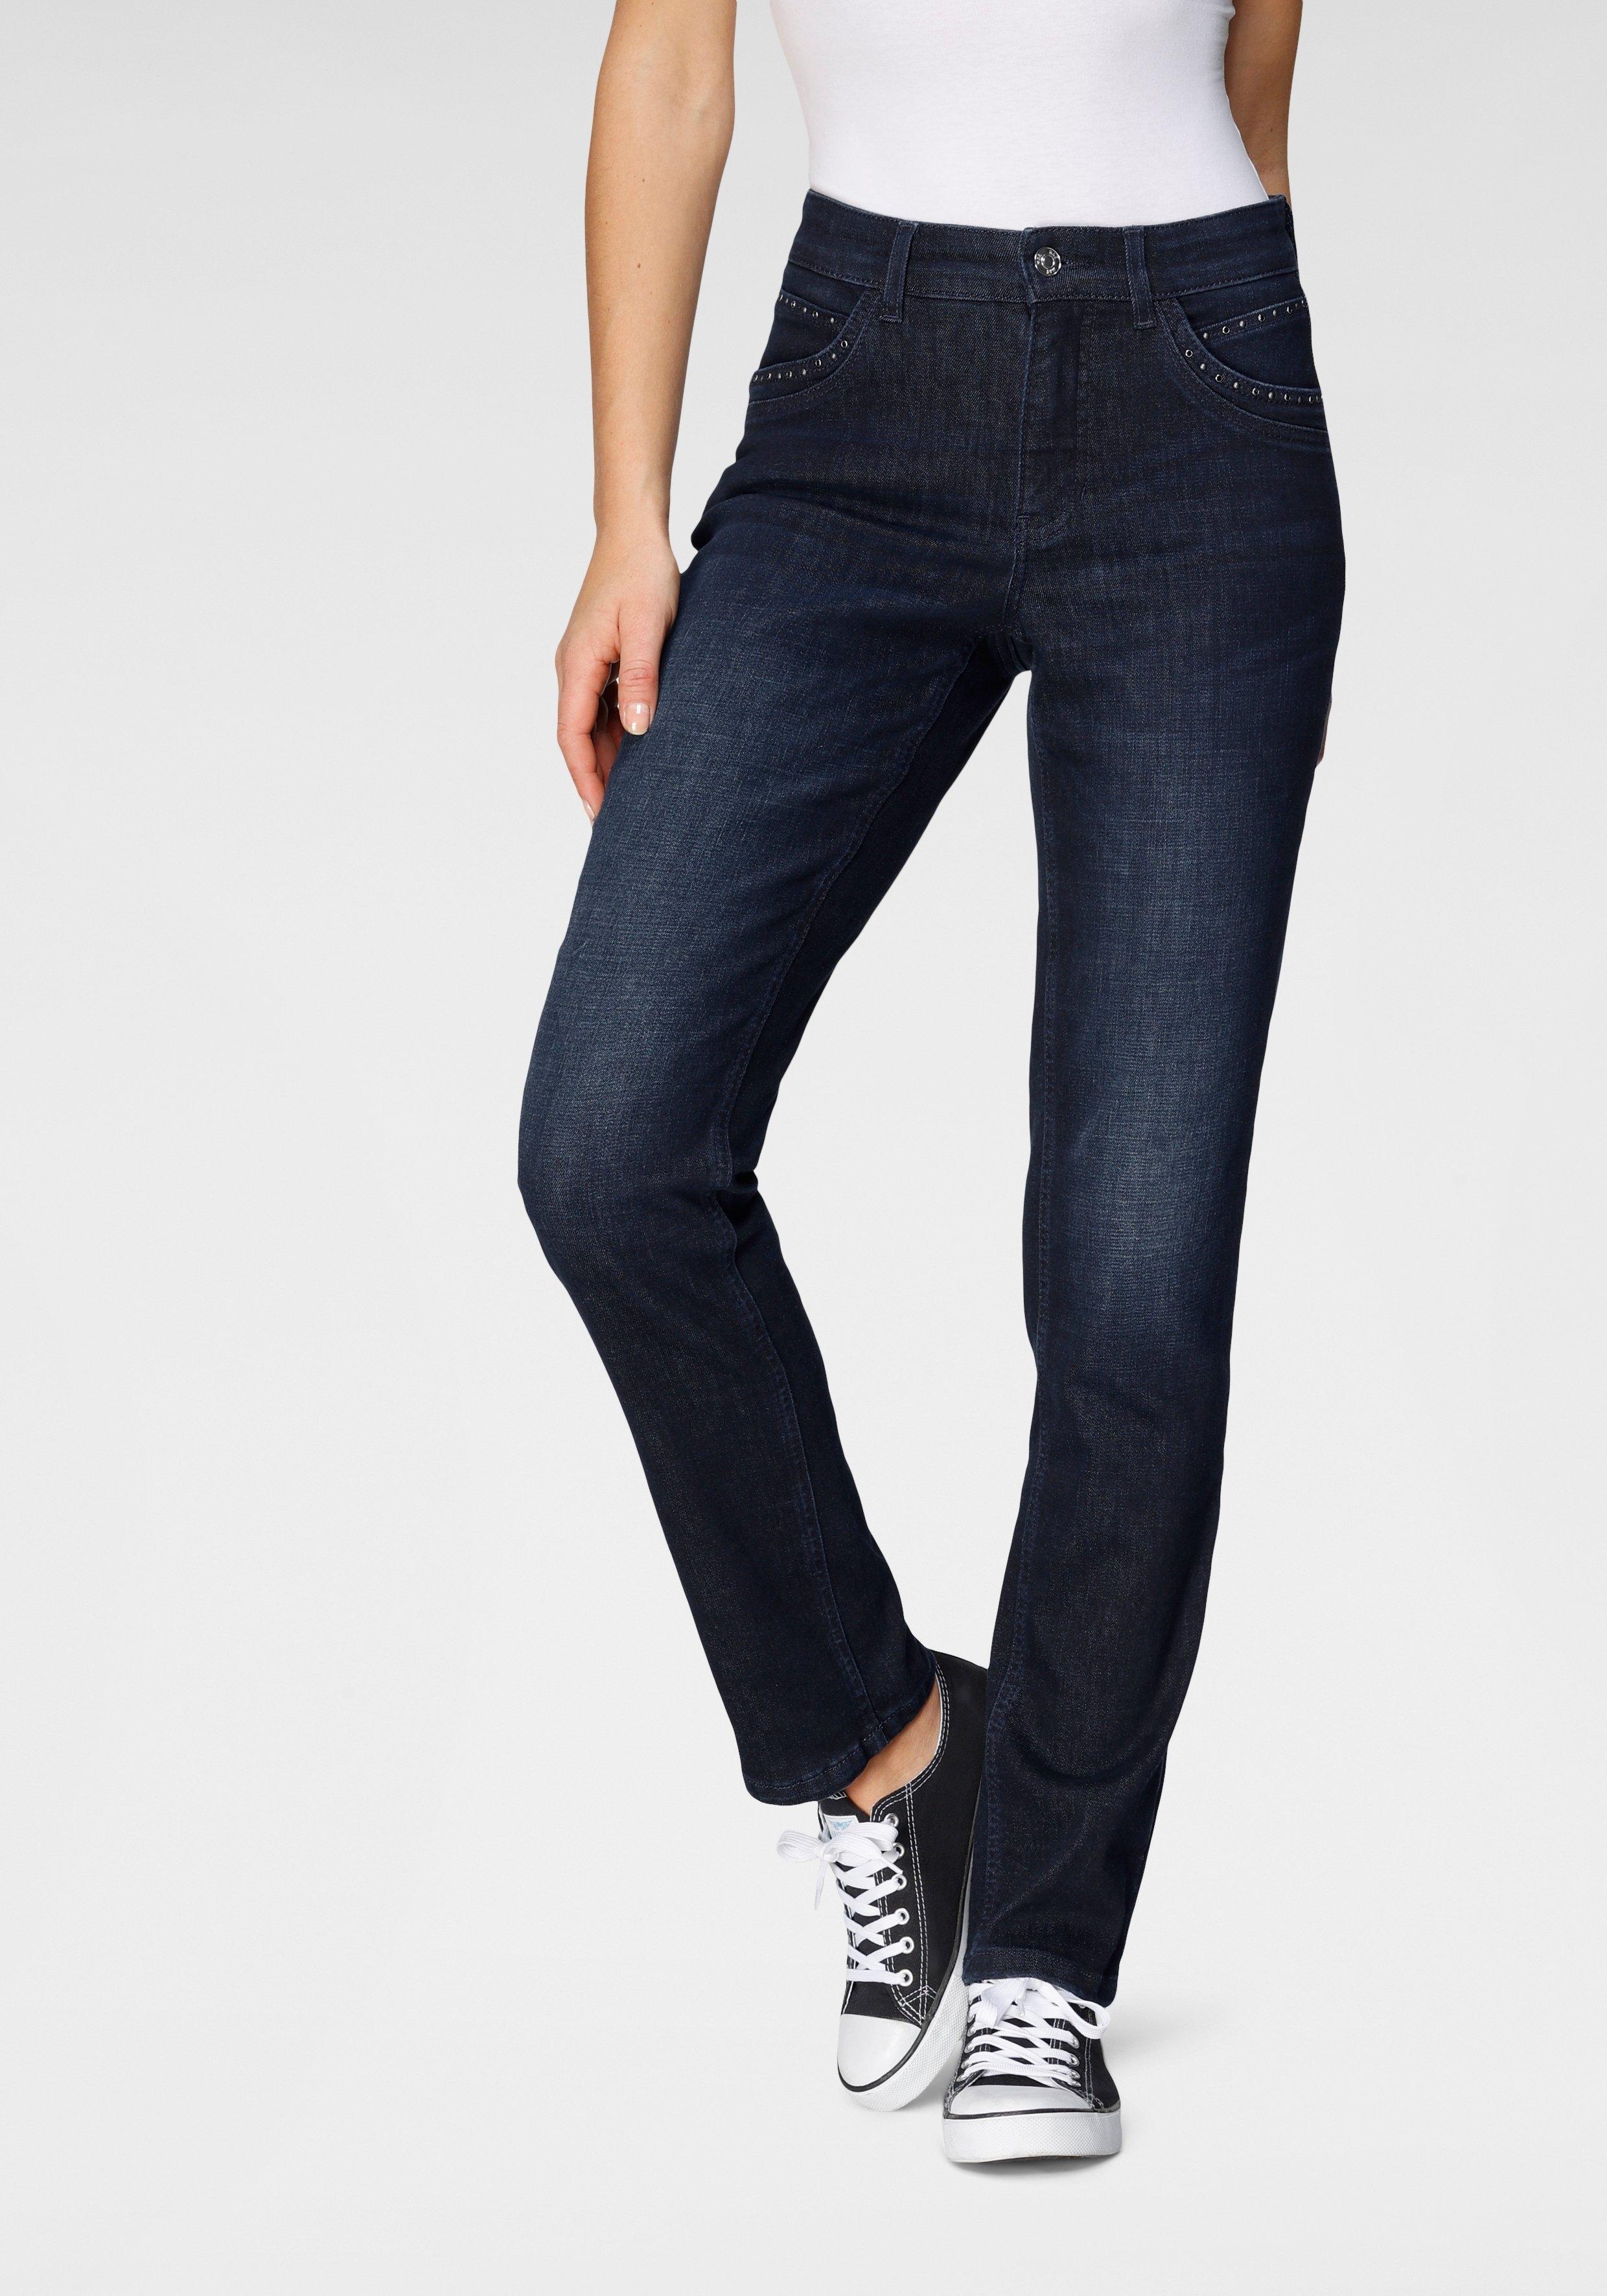 MAC Rechte jeans Melanie Glam Bijzondere beleg van glitterstuds nu online bestellen